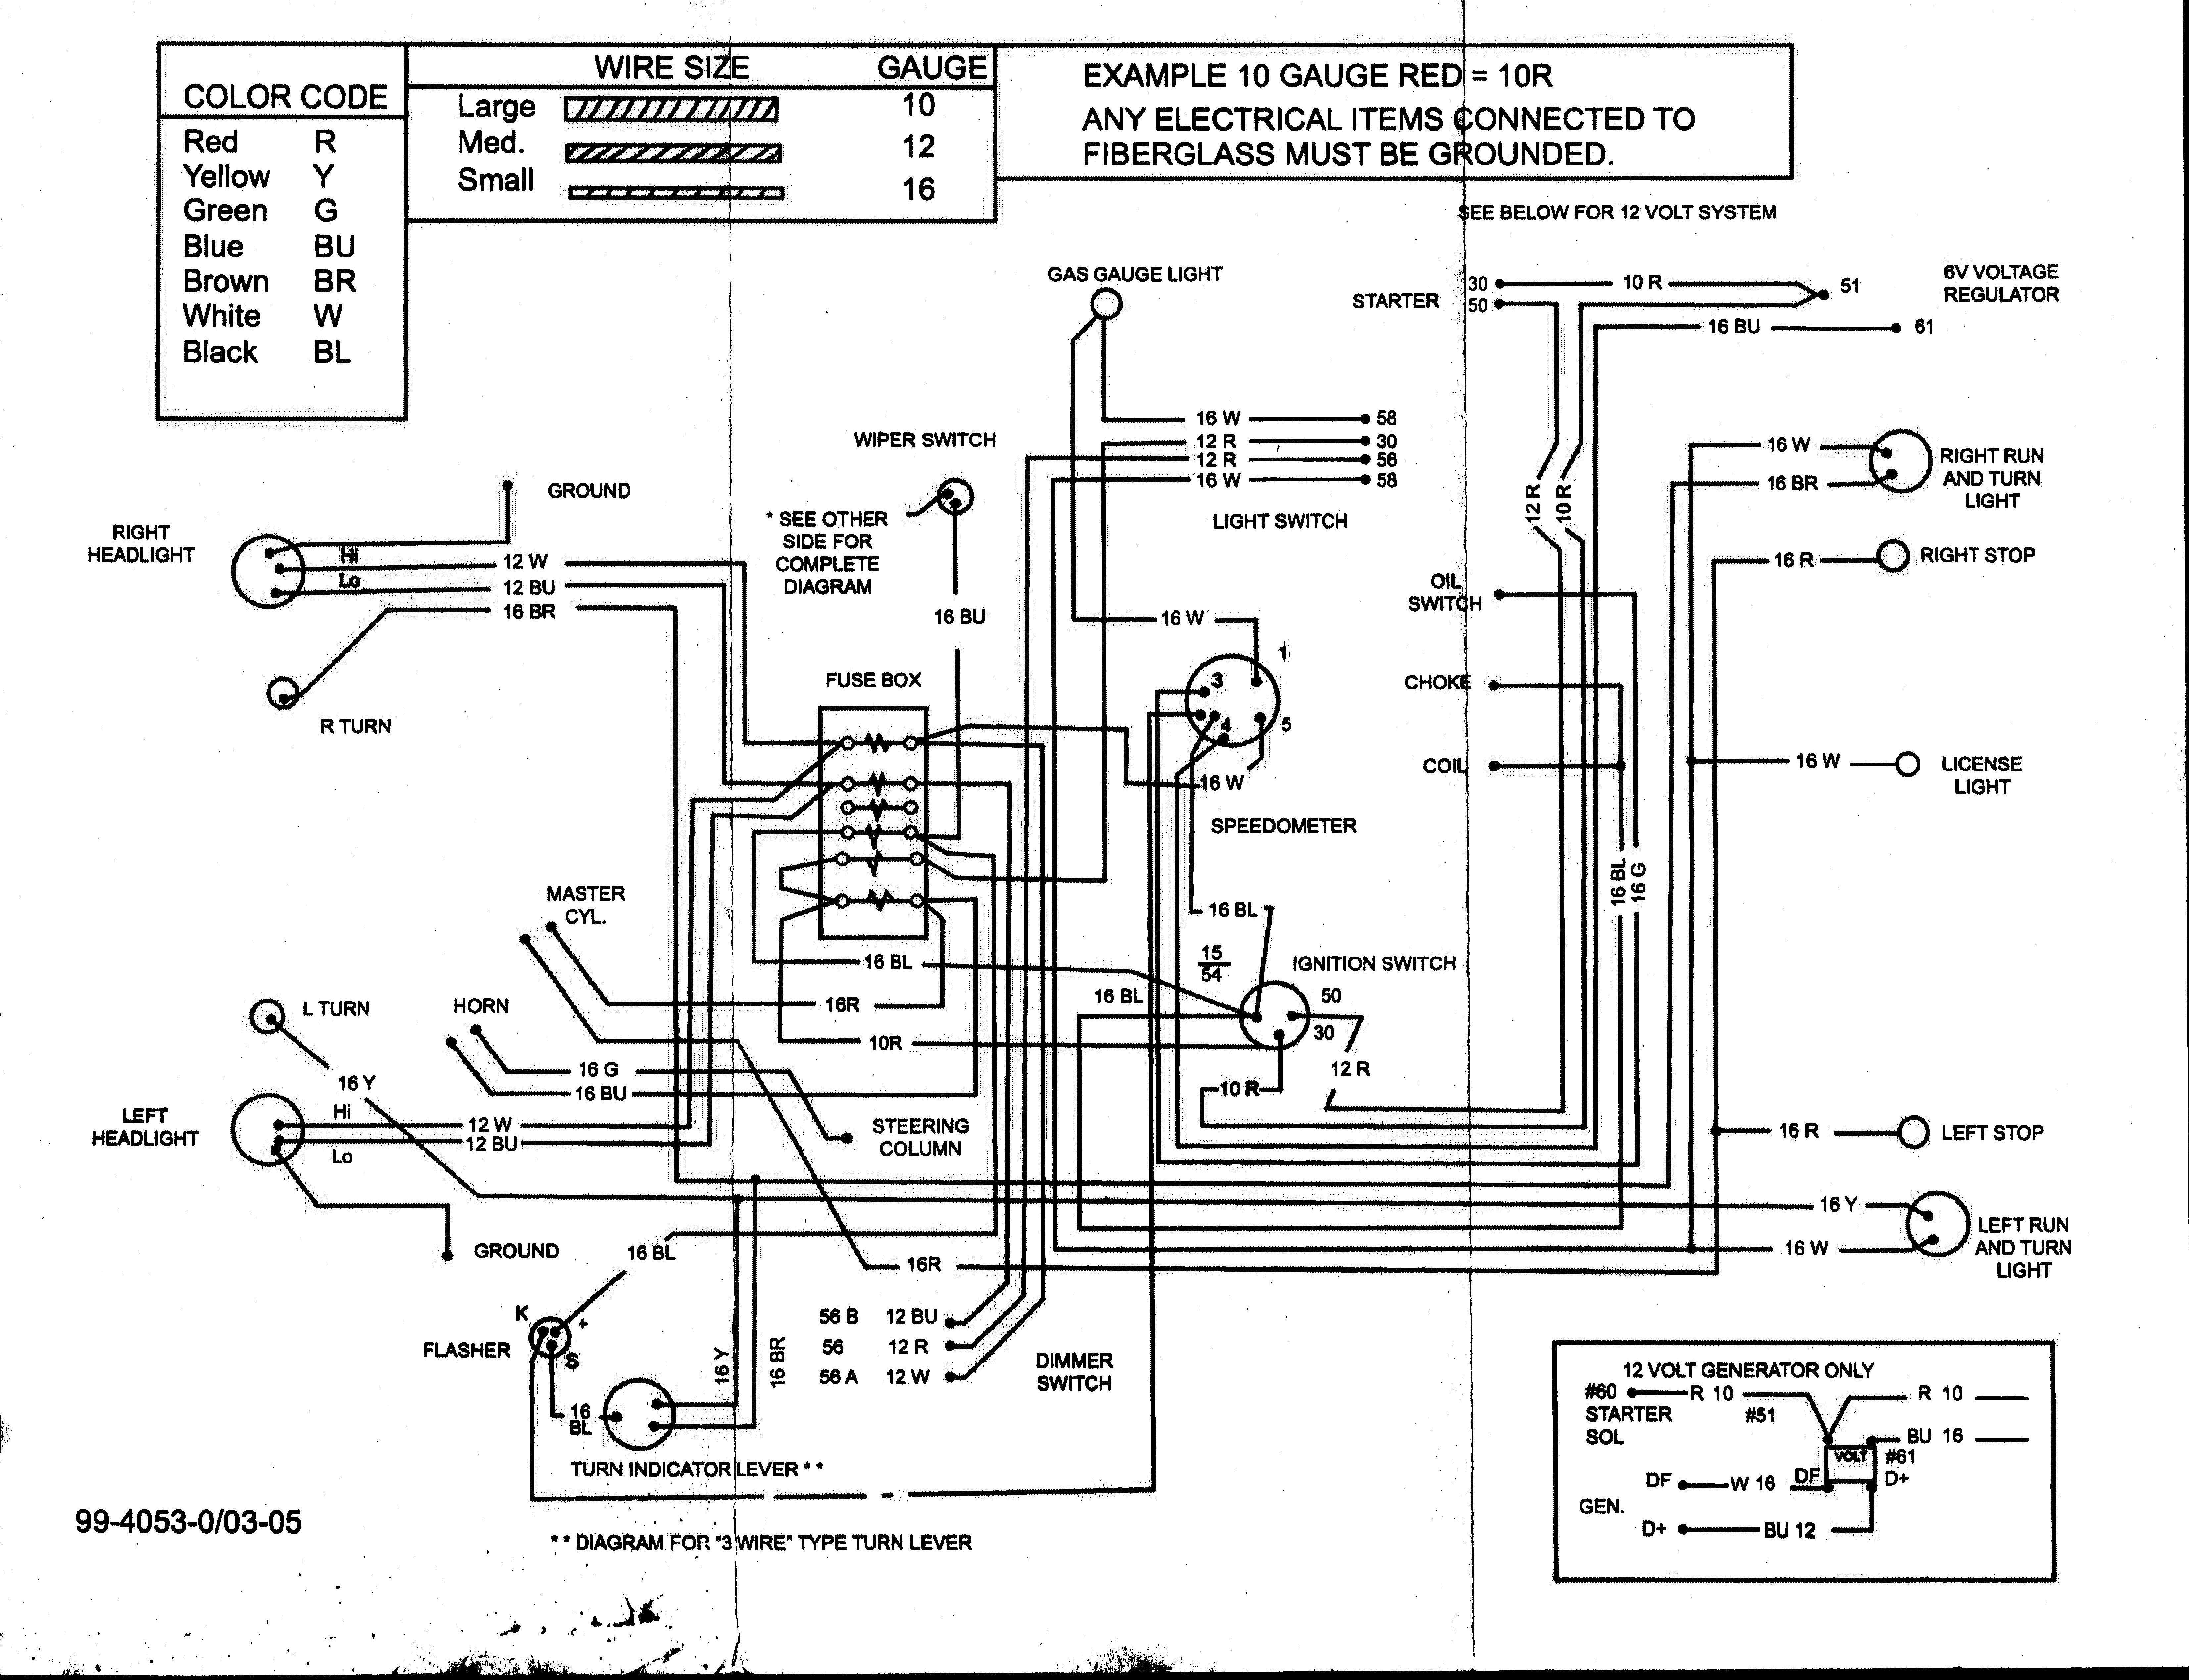 Bad Boy Mowers Wiring Diagram - Schema Wiring Diagram - Bad Boy Wiring Diagram